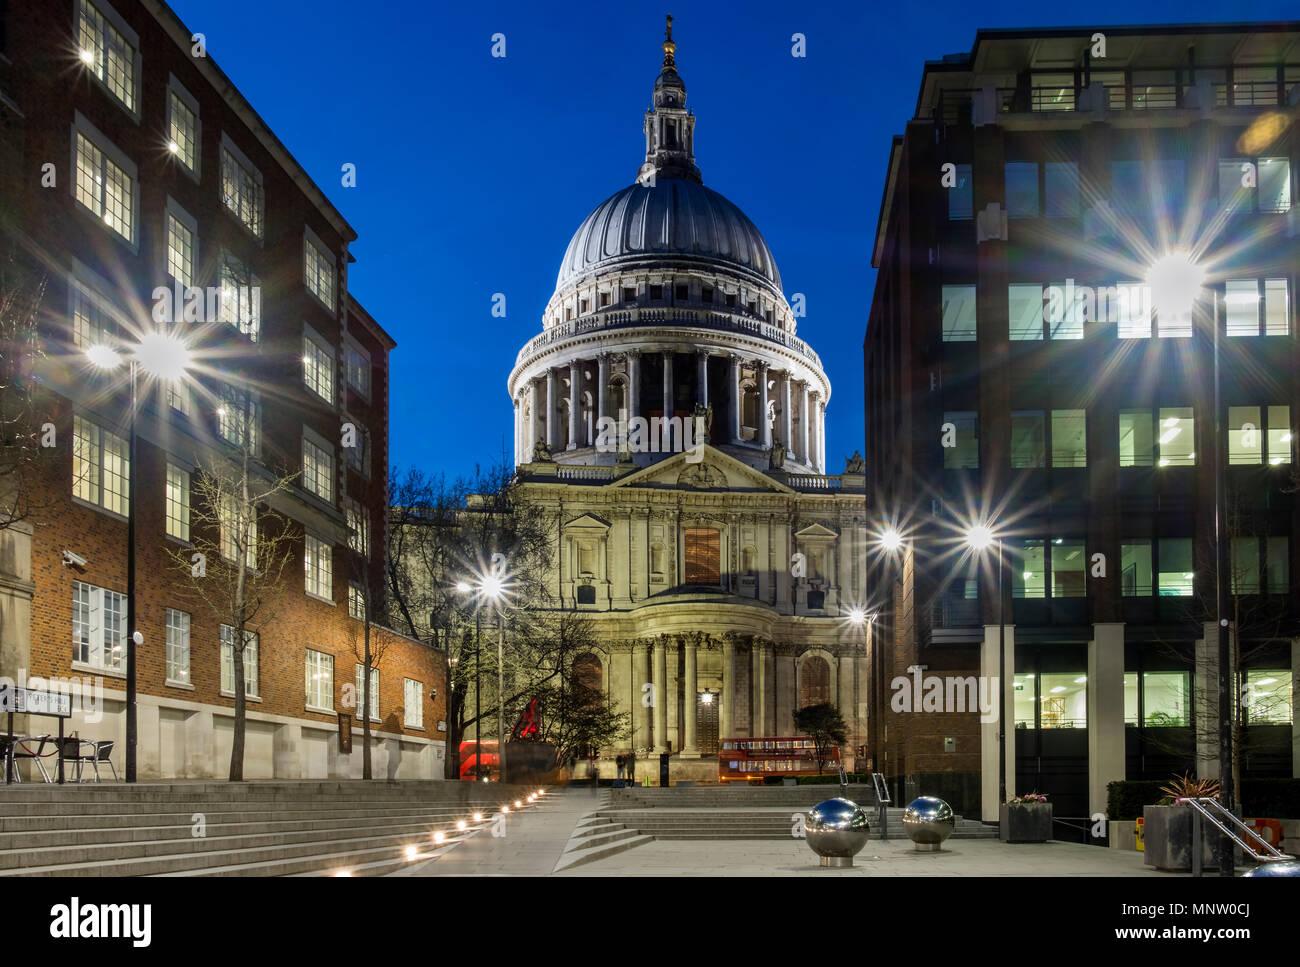 St Pauls Cathedral da Peters collina di notte, Londra, Inghilterra, Regno Unito Immagini Stock